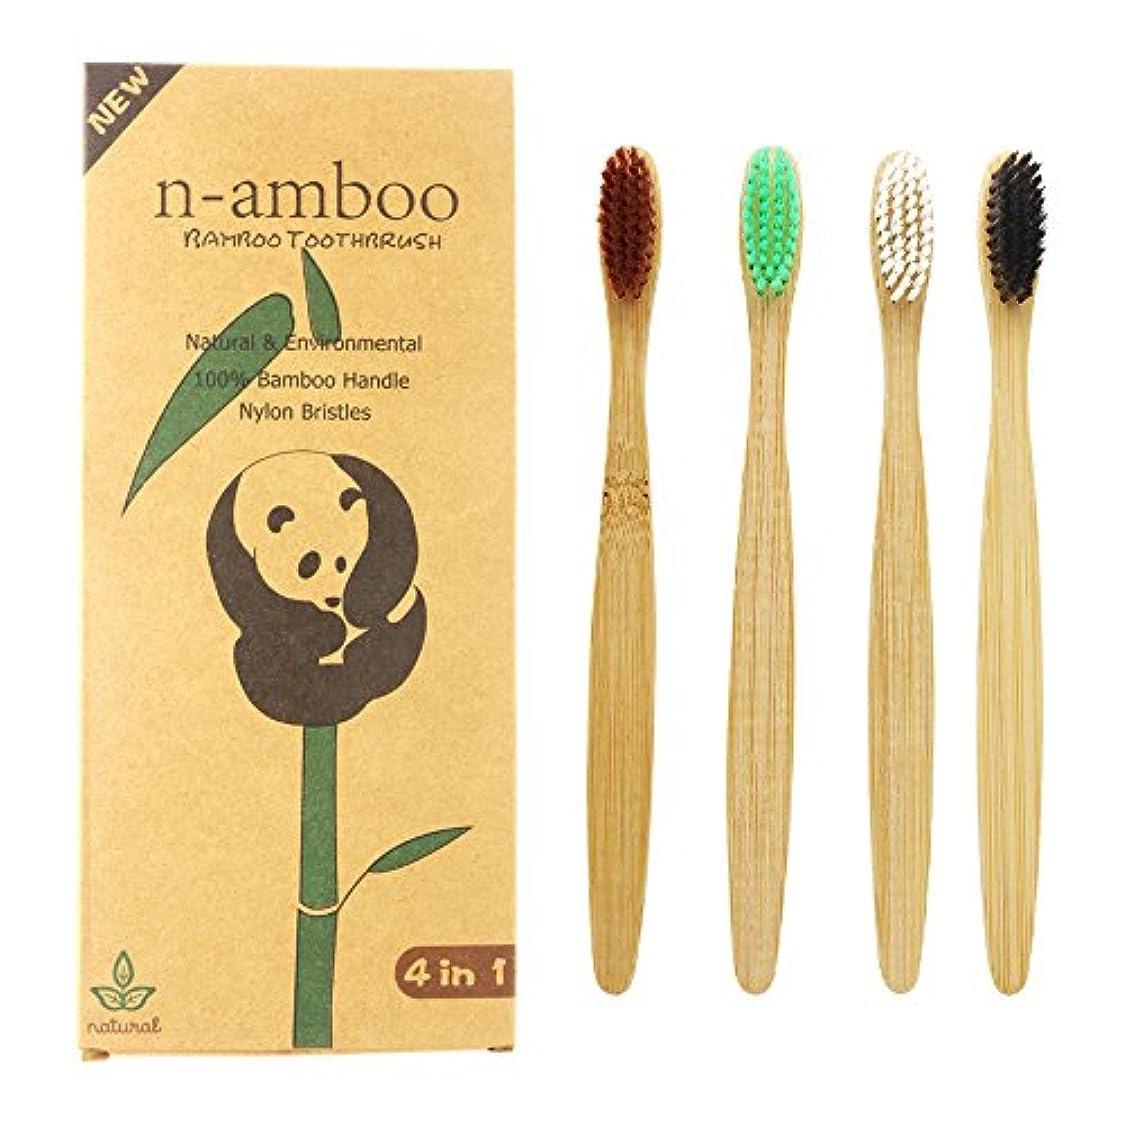 の間でサーマル触手N-amboo 竹製 歯ブラシ 高耐久性 4種類 4色セット エコ 軽量 4本入りセット